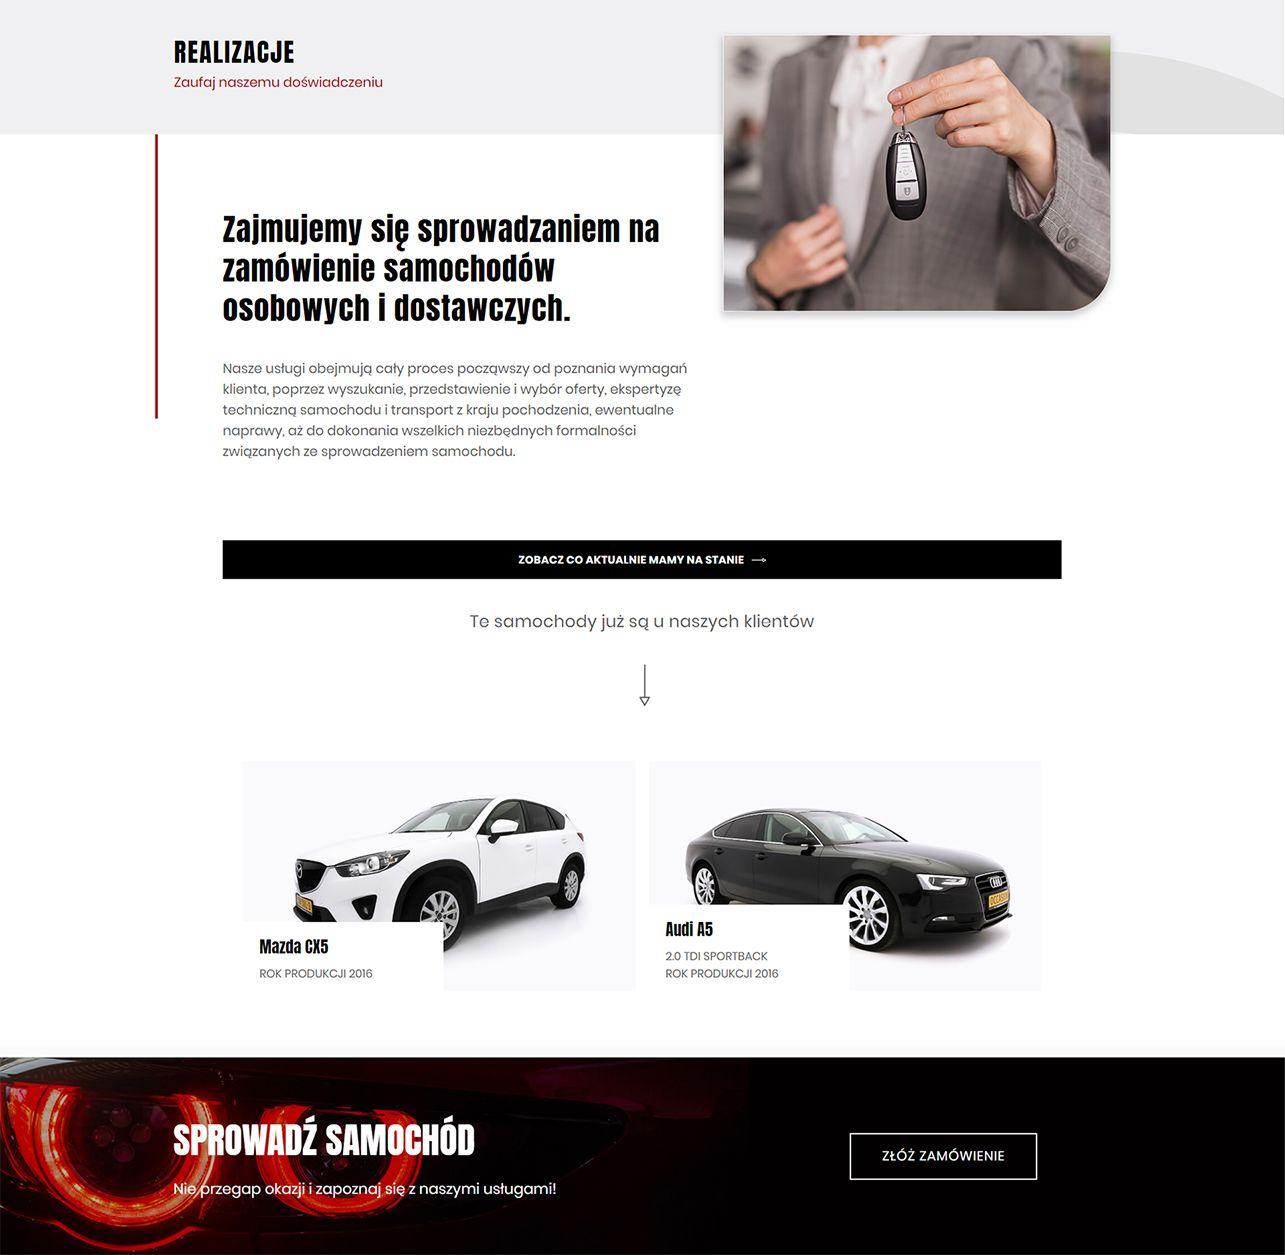 strona internetowa realizacje prestigecar